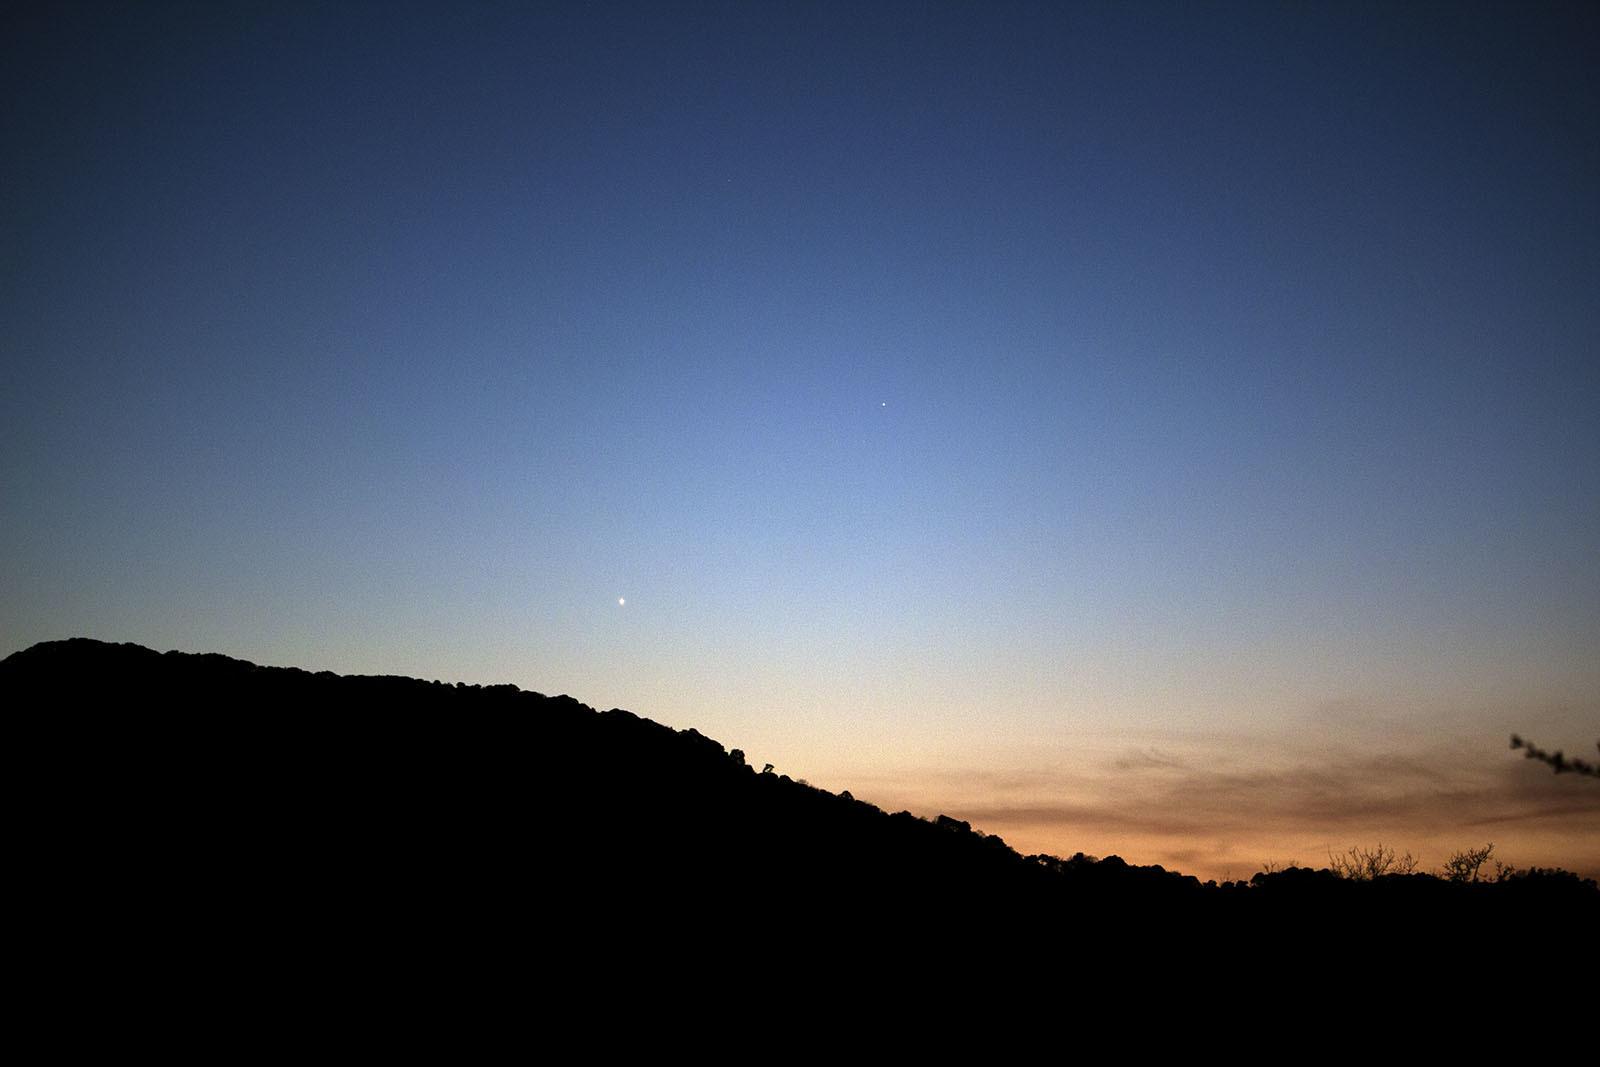 水星と金星接近中! 3月17日の夕方_e0174091_17480099.jpg